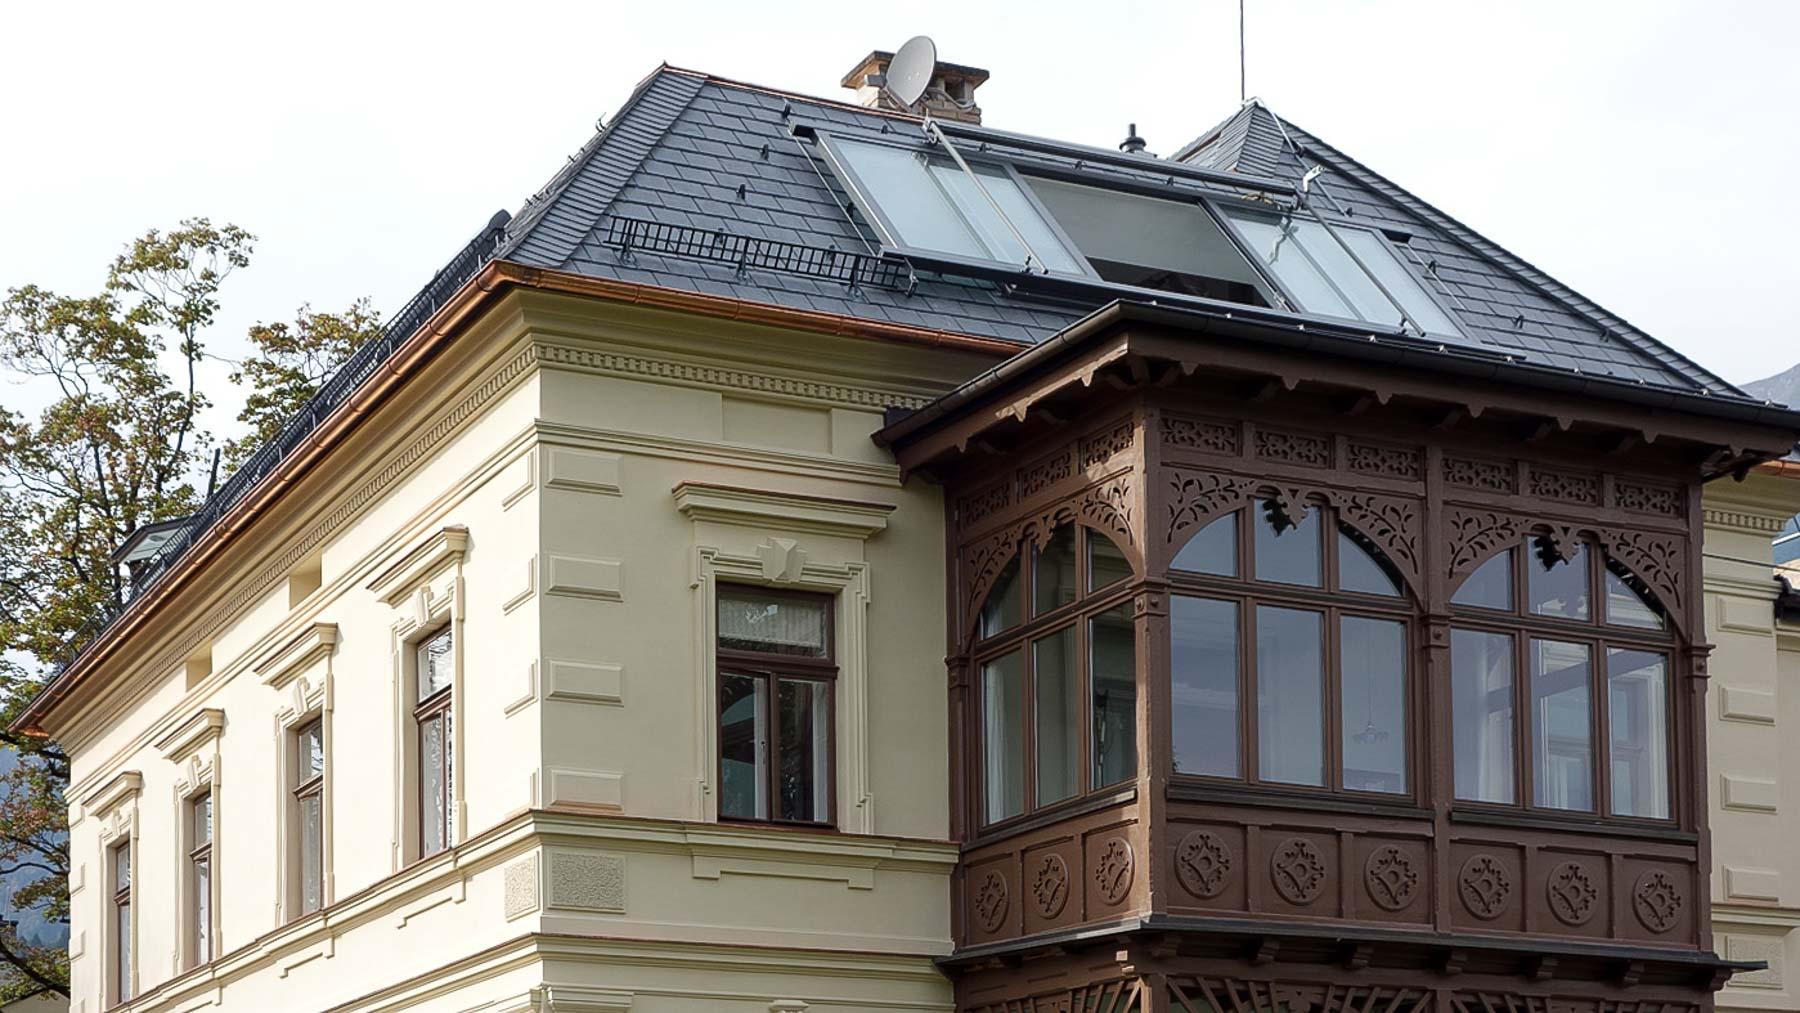 Panorama Dachschiebefenster in Innsbruck ((Objekt 1128). 4-teiliges Panorama Dachschiebefenster